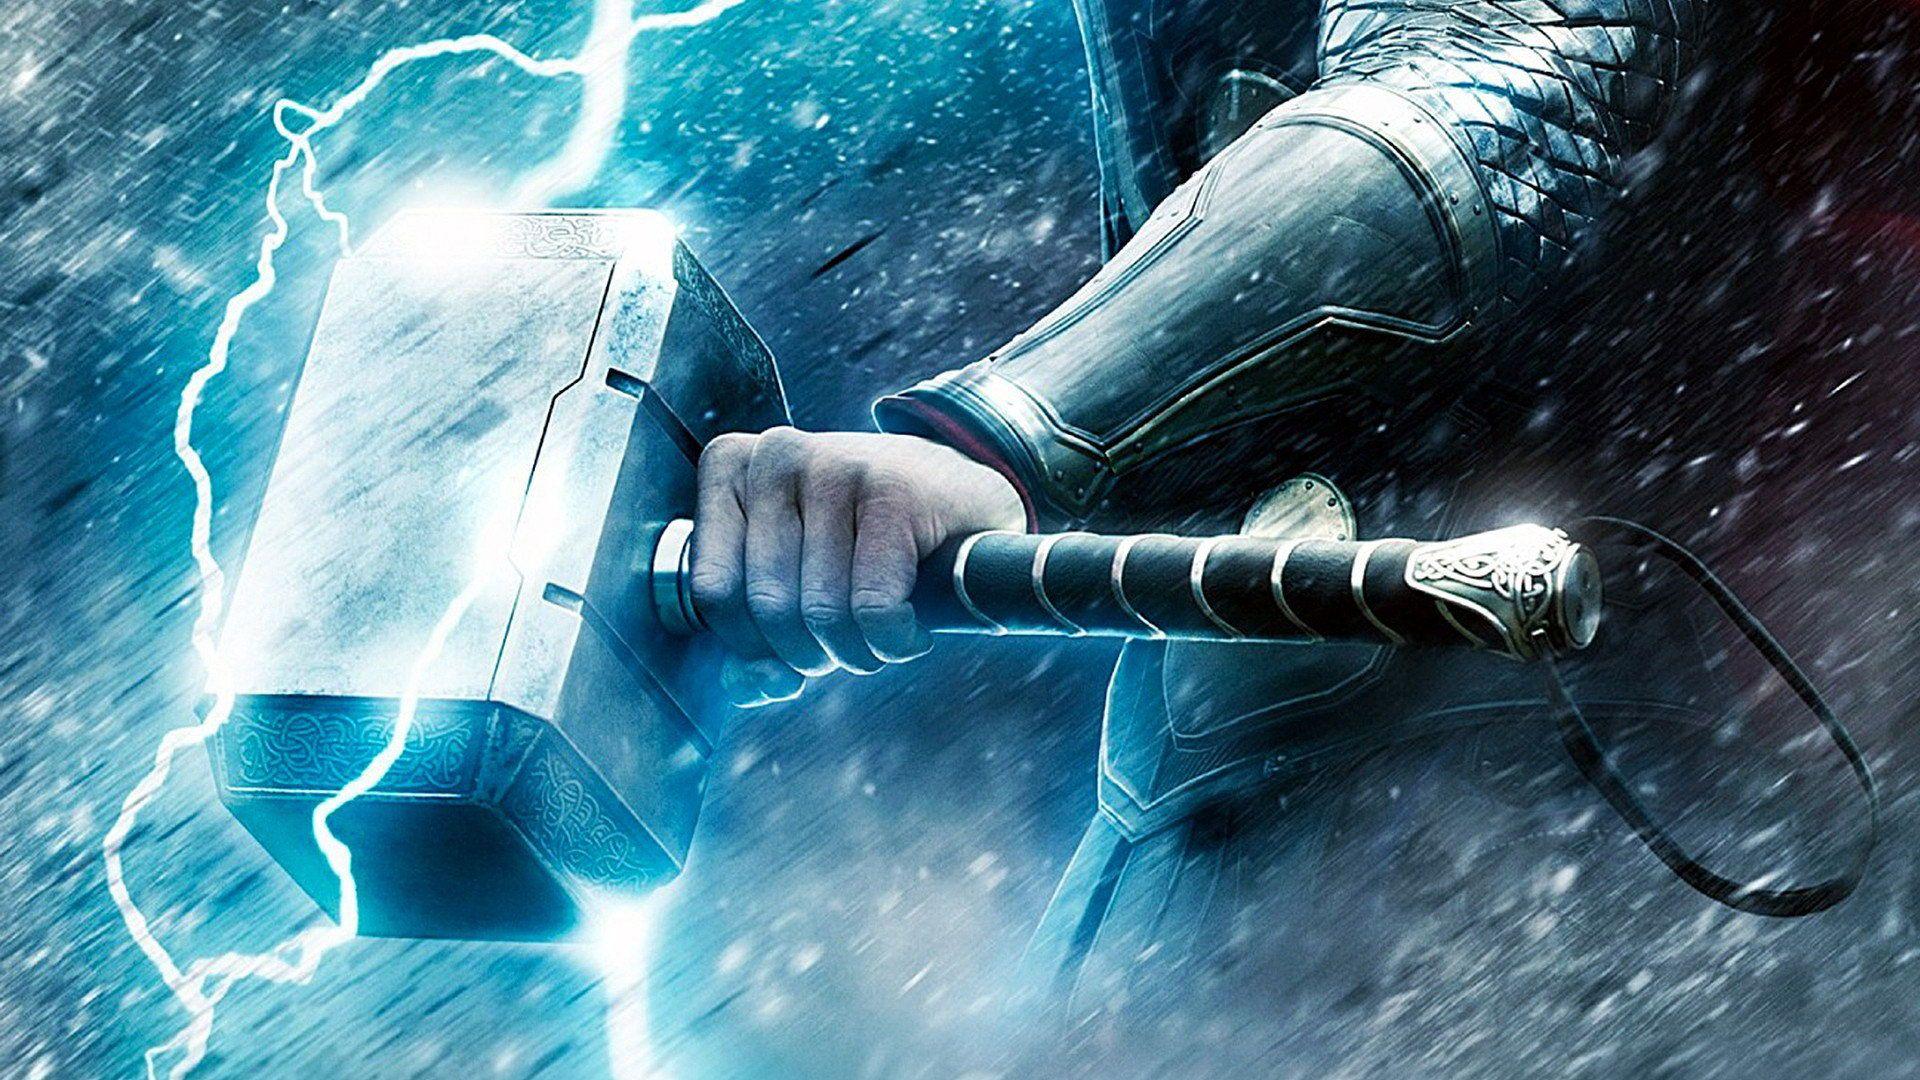 Mjolnir Thor God Of Thunder Mjolnir Thor Wallpaper Thor Dan